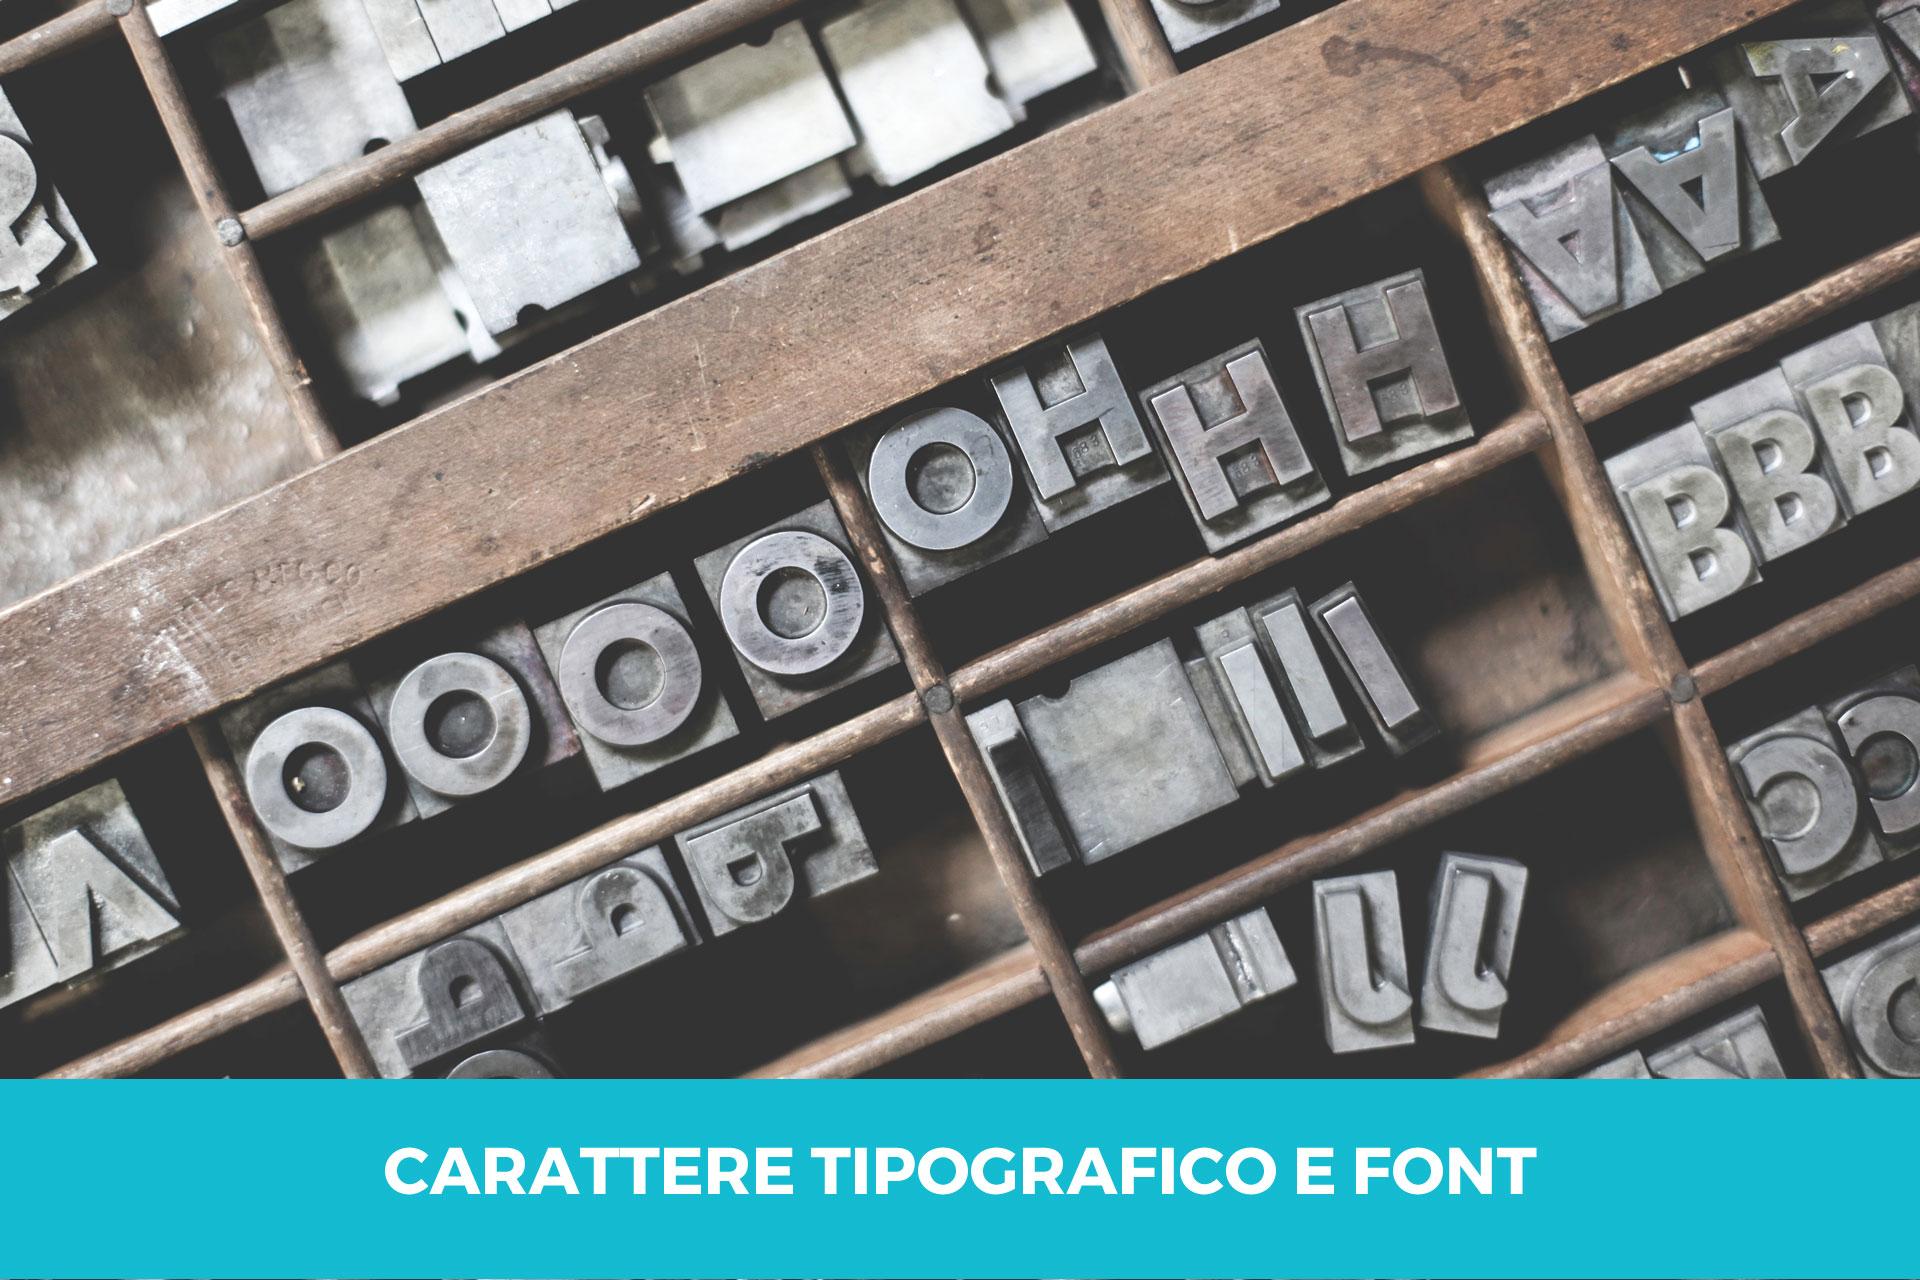 carattere-tipografico-e-font-lv-design-web-agency-e-grafica-realizzazione-siti-web-bologna